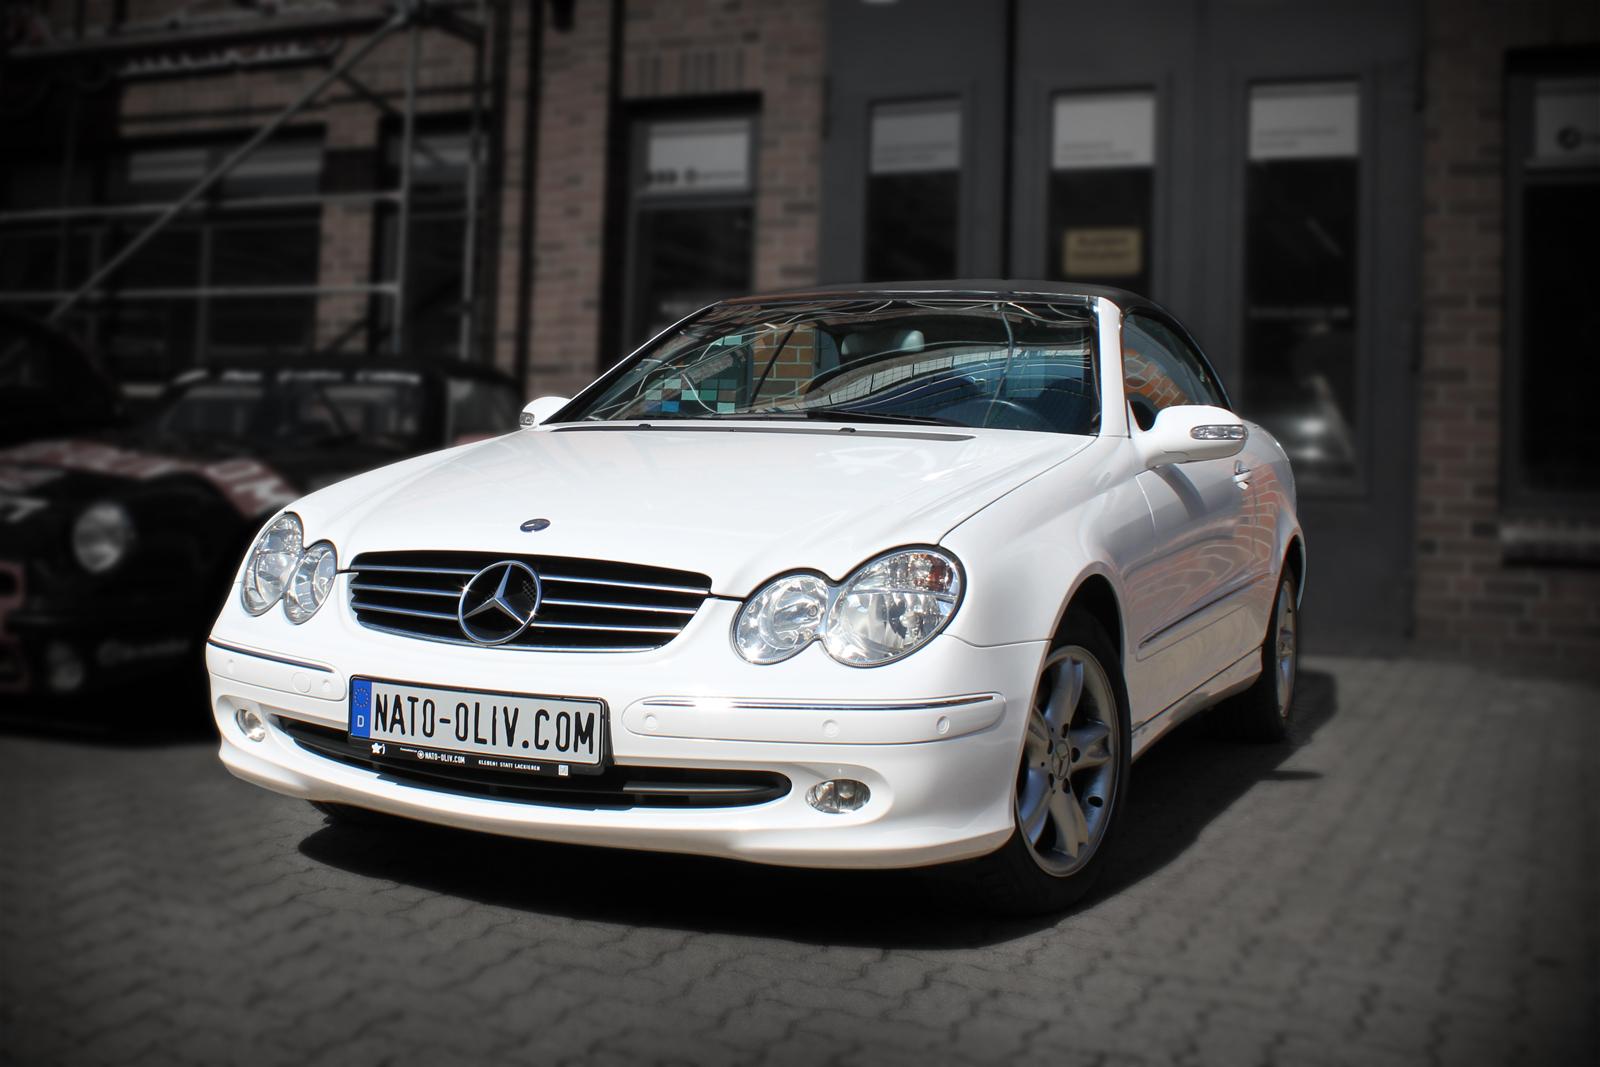 Mercedes_CLK_Cabrio_Folierung_Weiss__Glanz_Titelbild